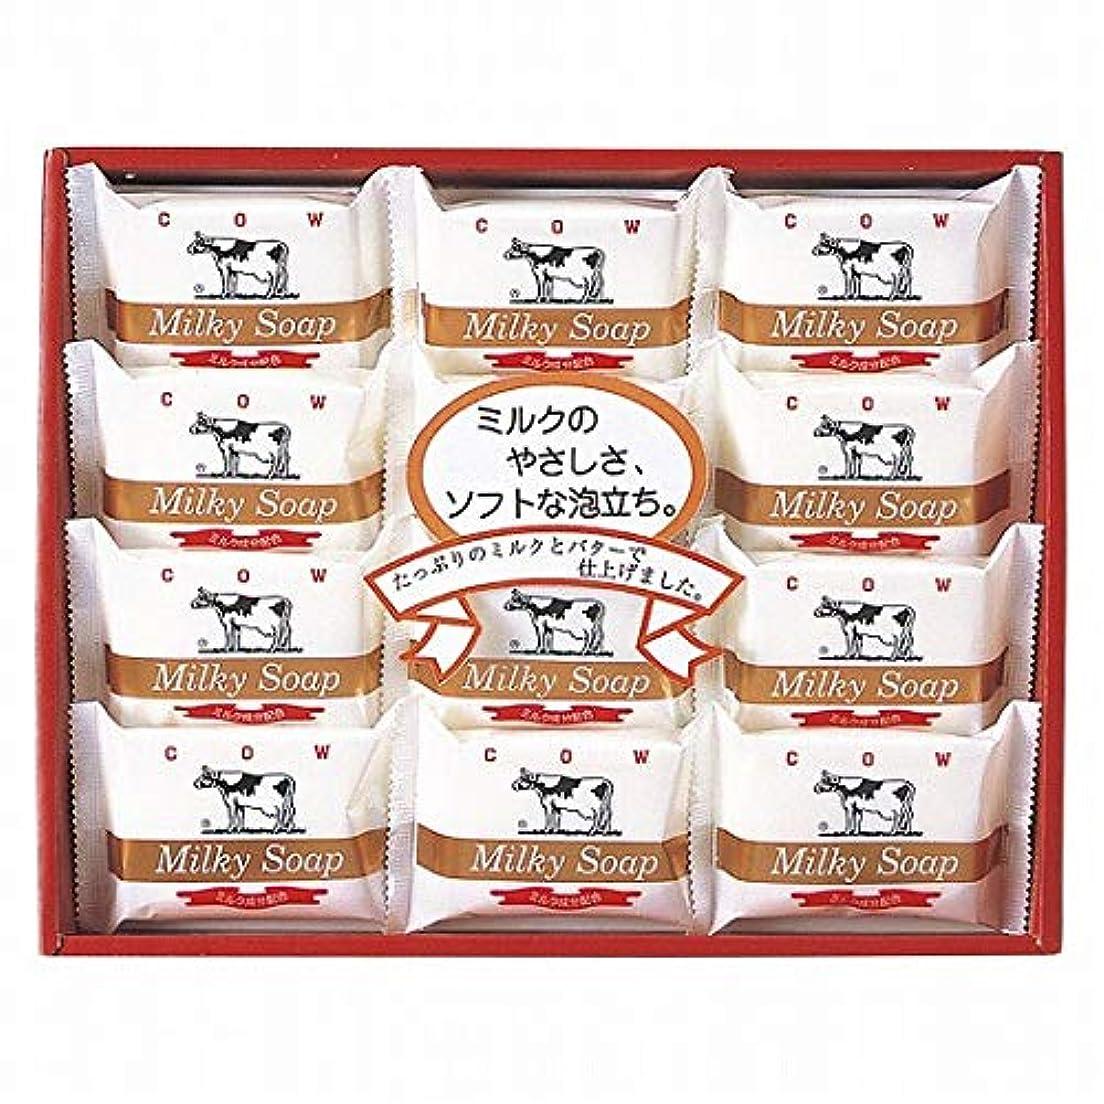 モンク悪名高い実用的牛乳石鹸 ゴールドソープセット